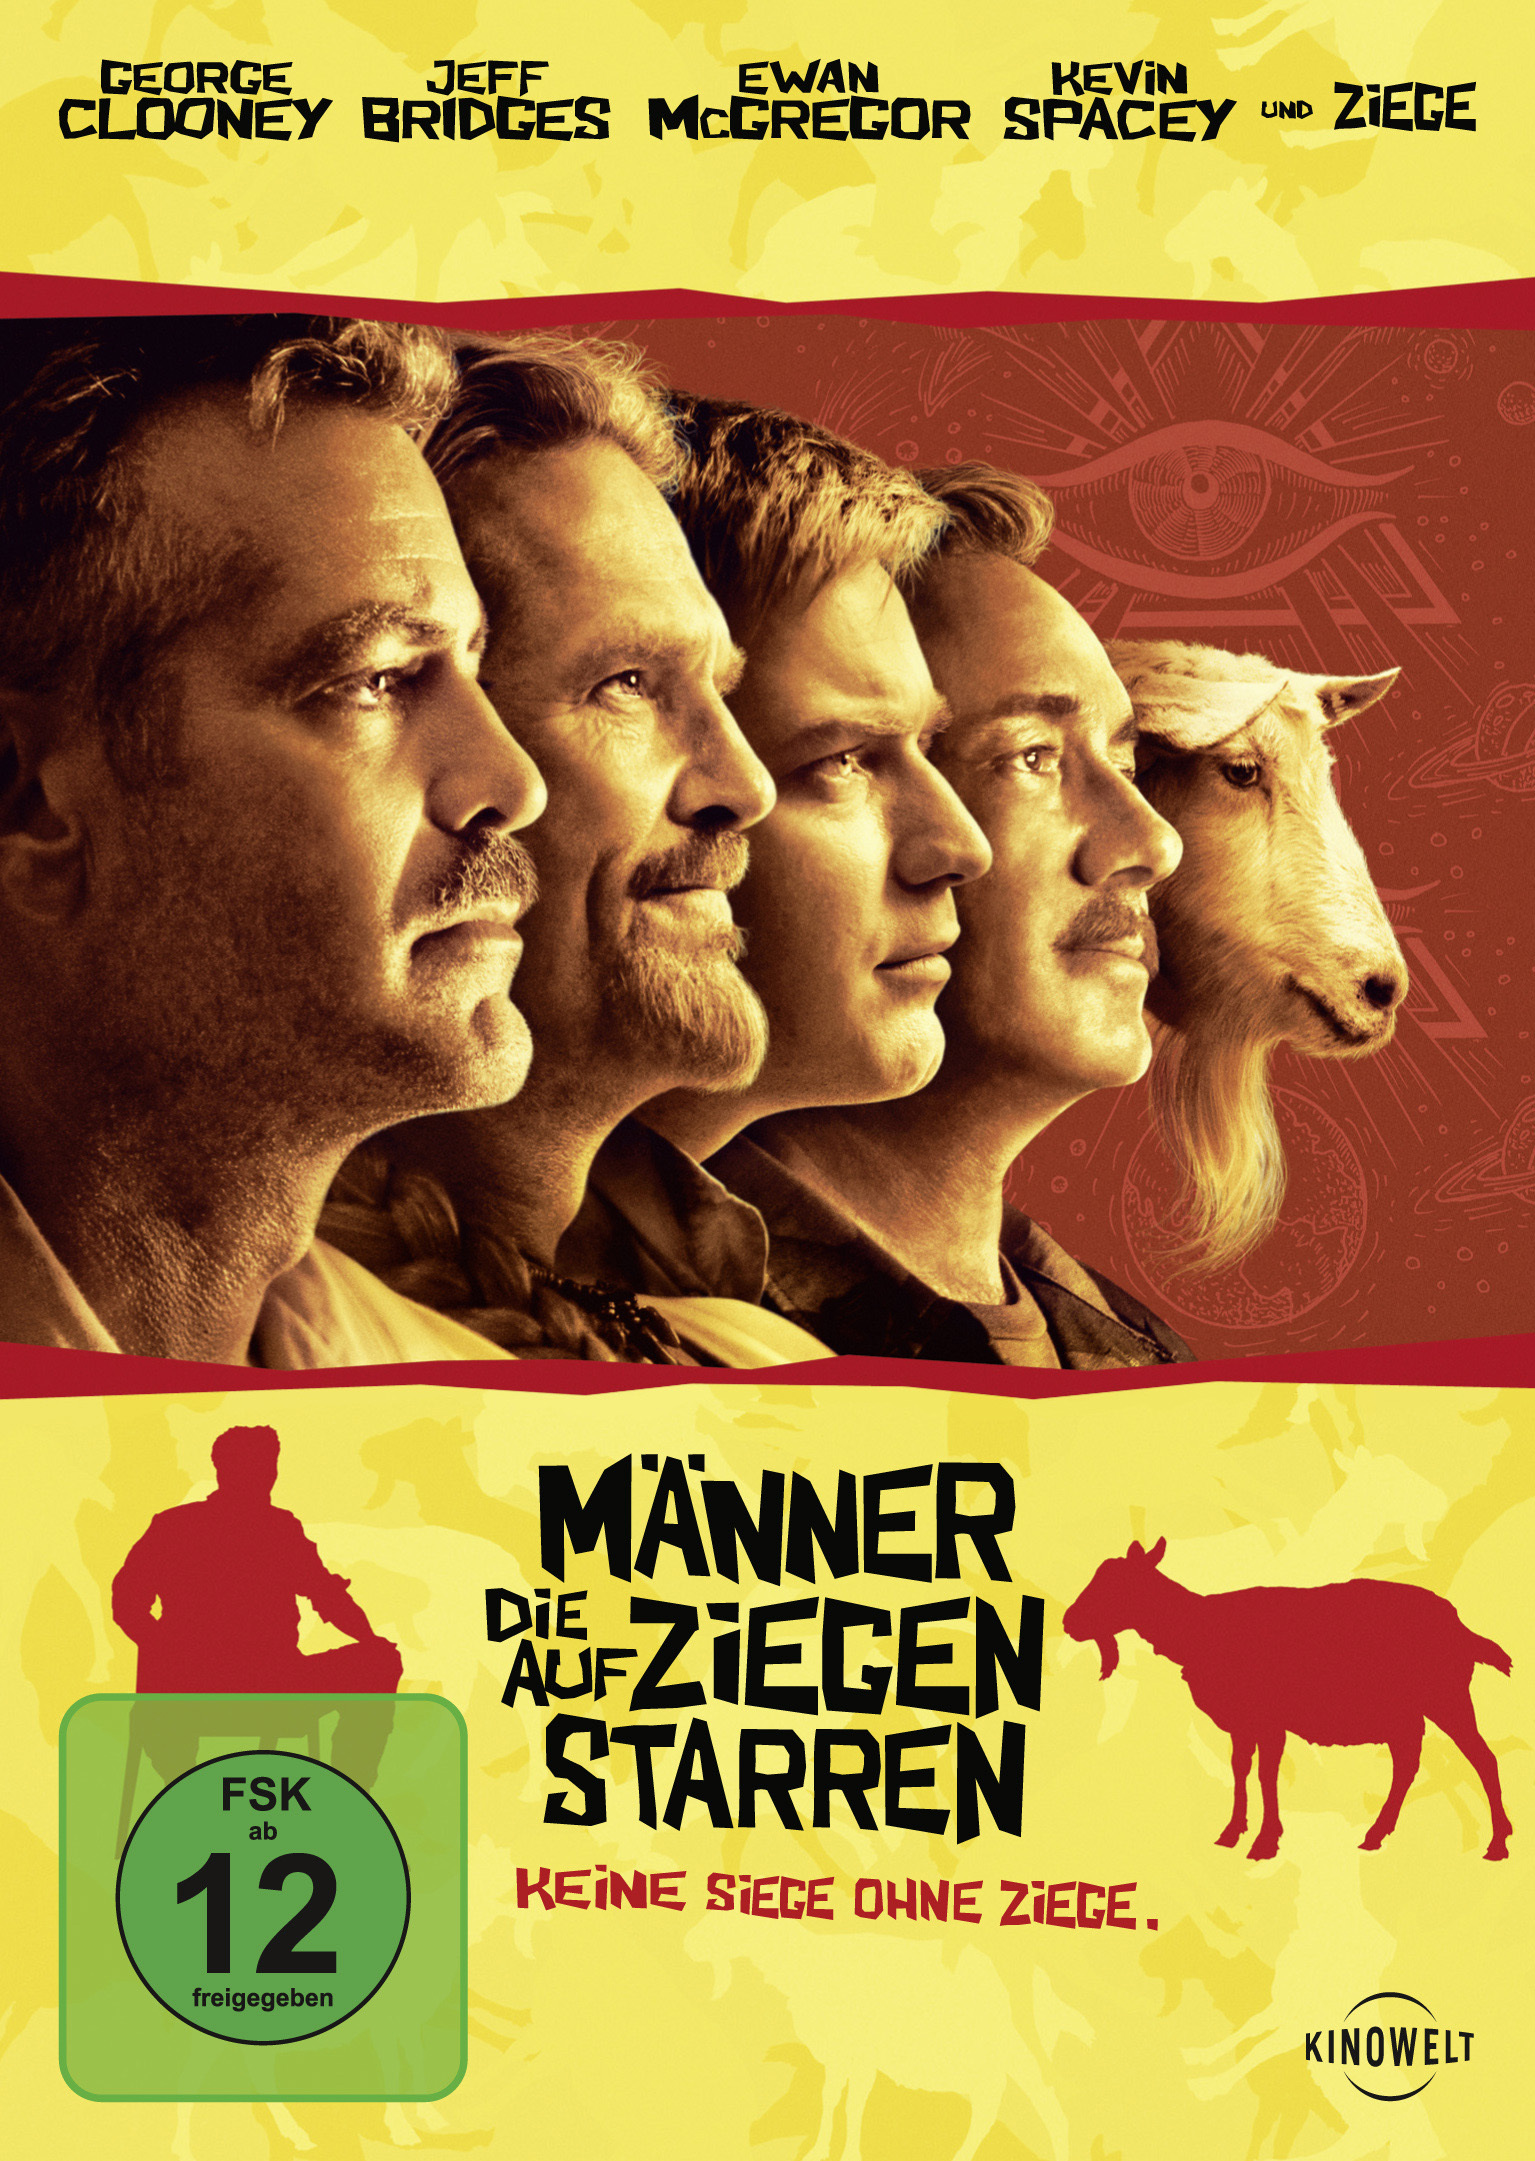 Image of Männer, die auf Ziegen starren